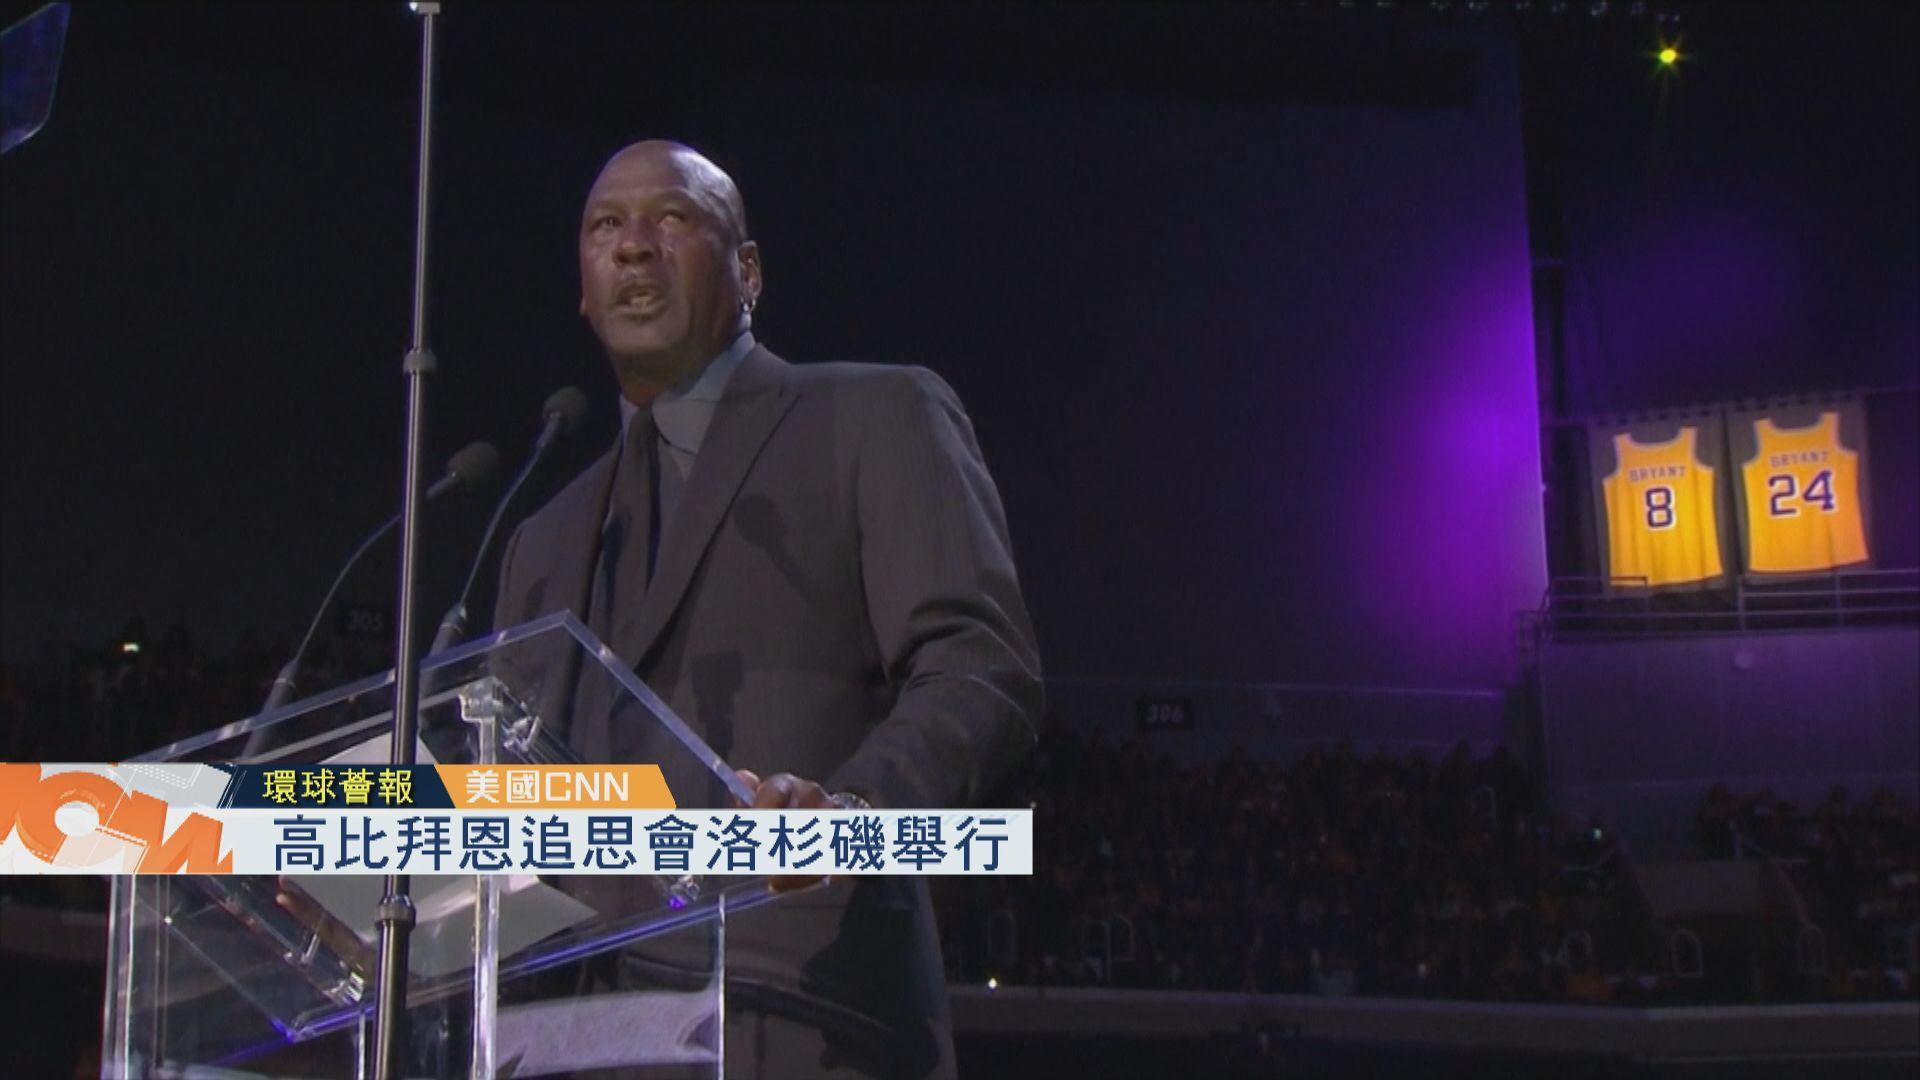 【環球薈報】高比拜恩追思會洛杉磯舉行